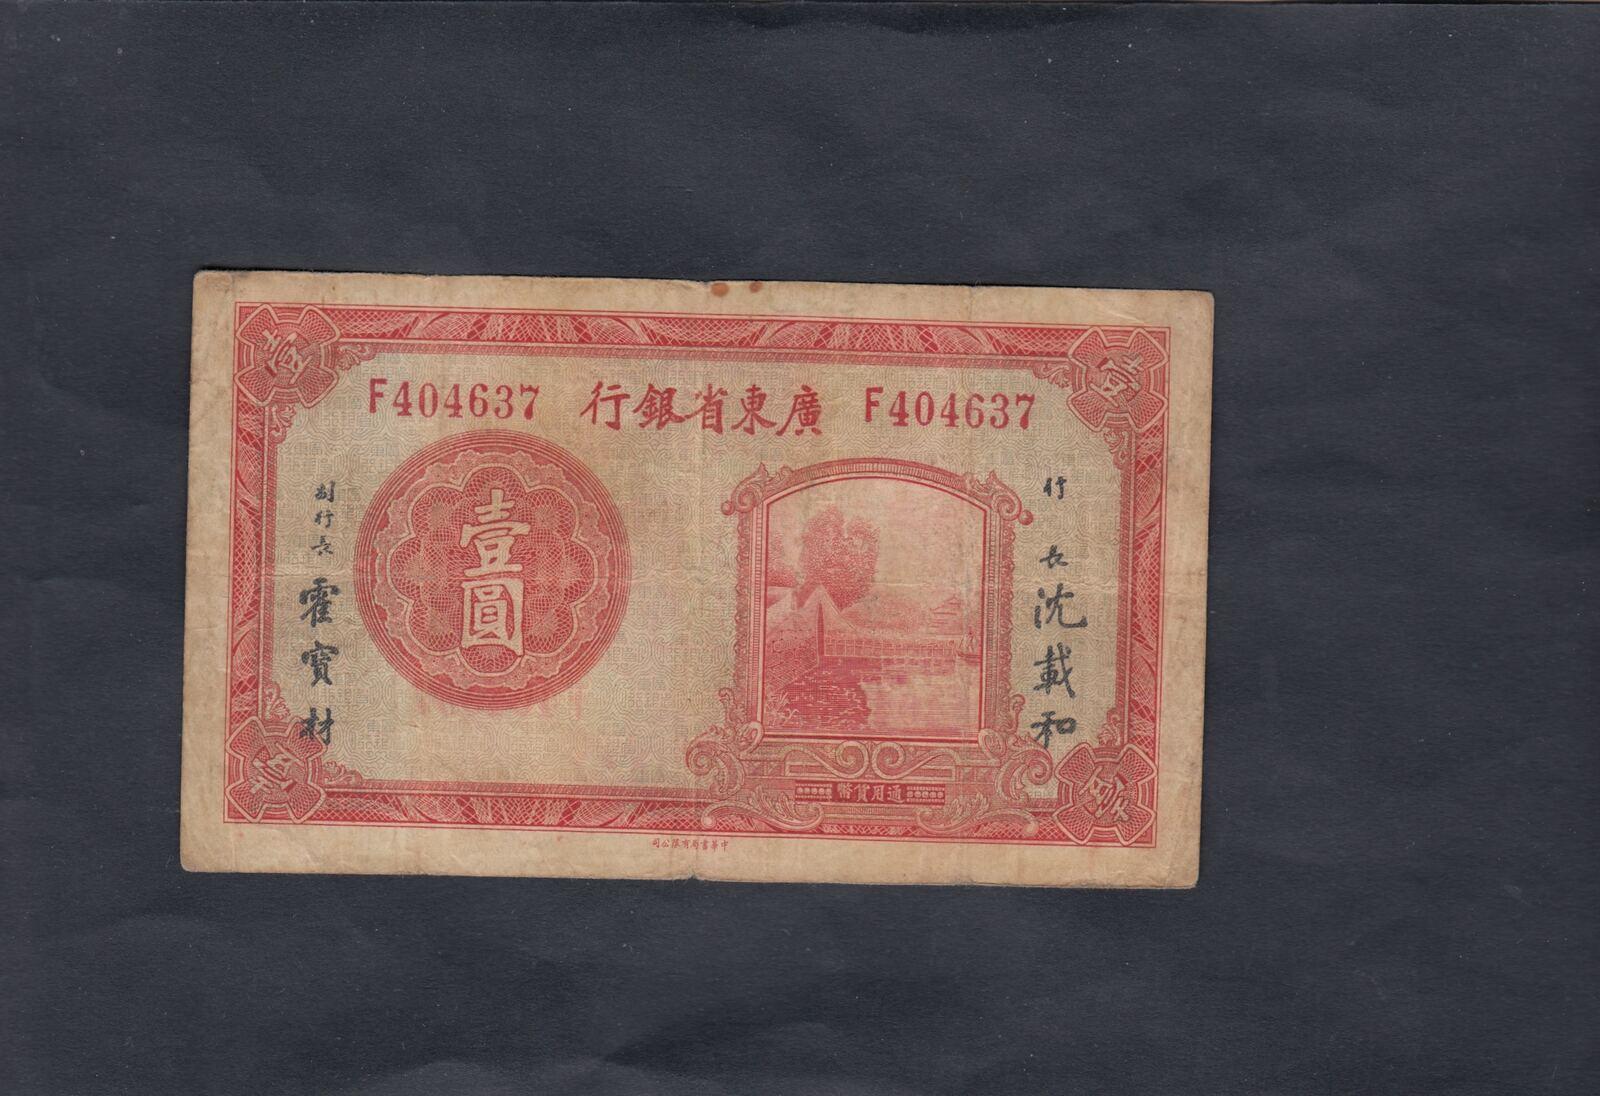 1 Dollar 1936 China(republic) P S2442